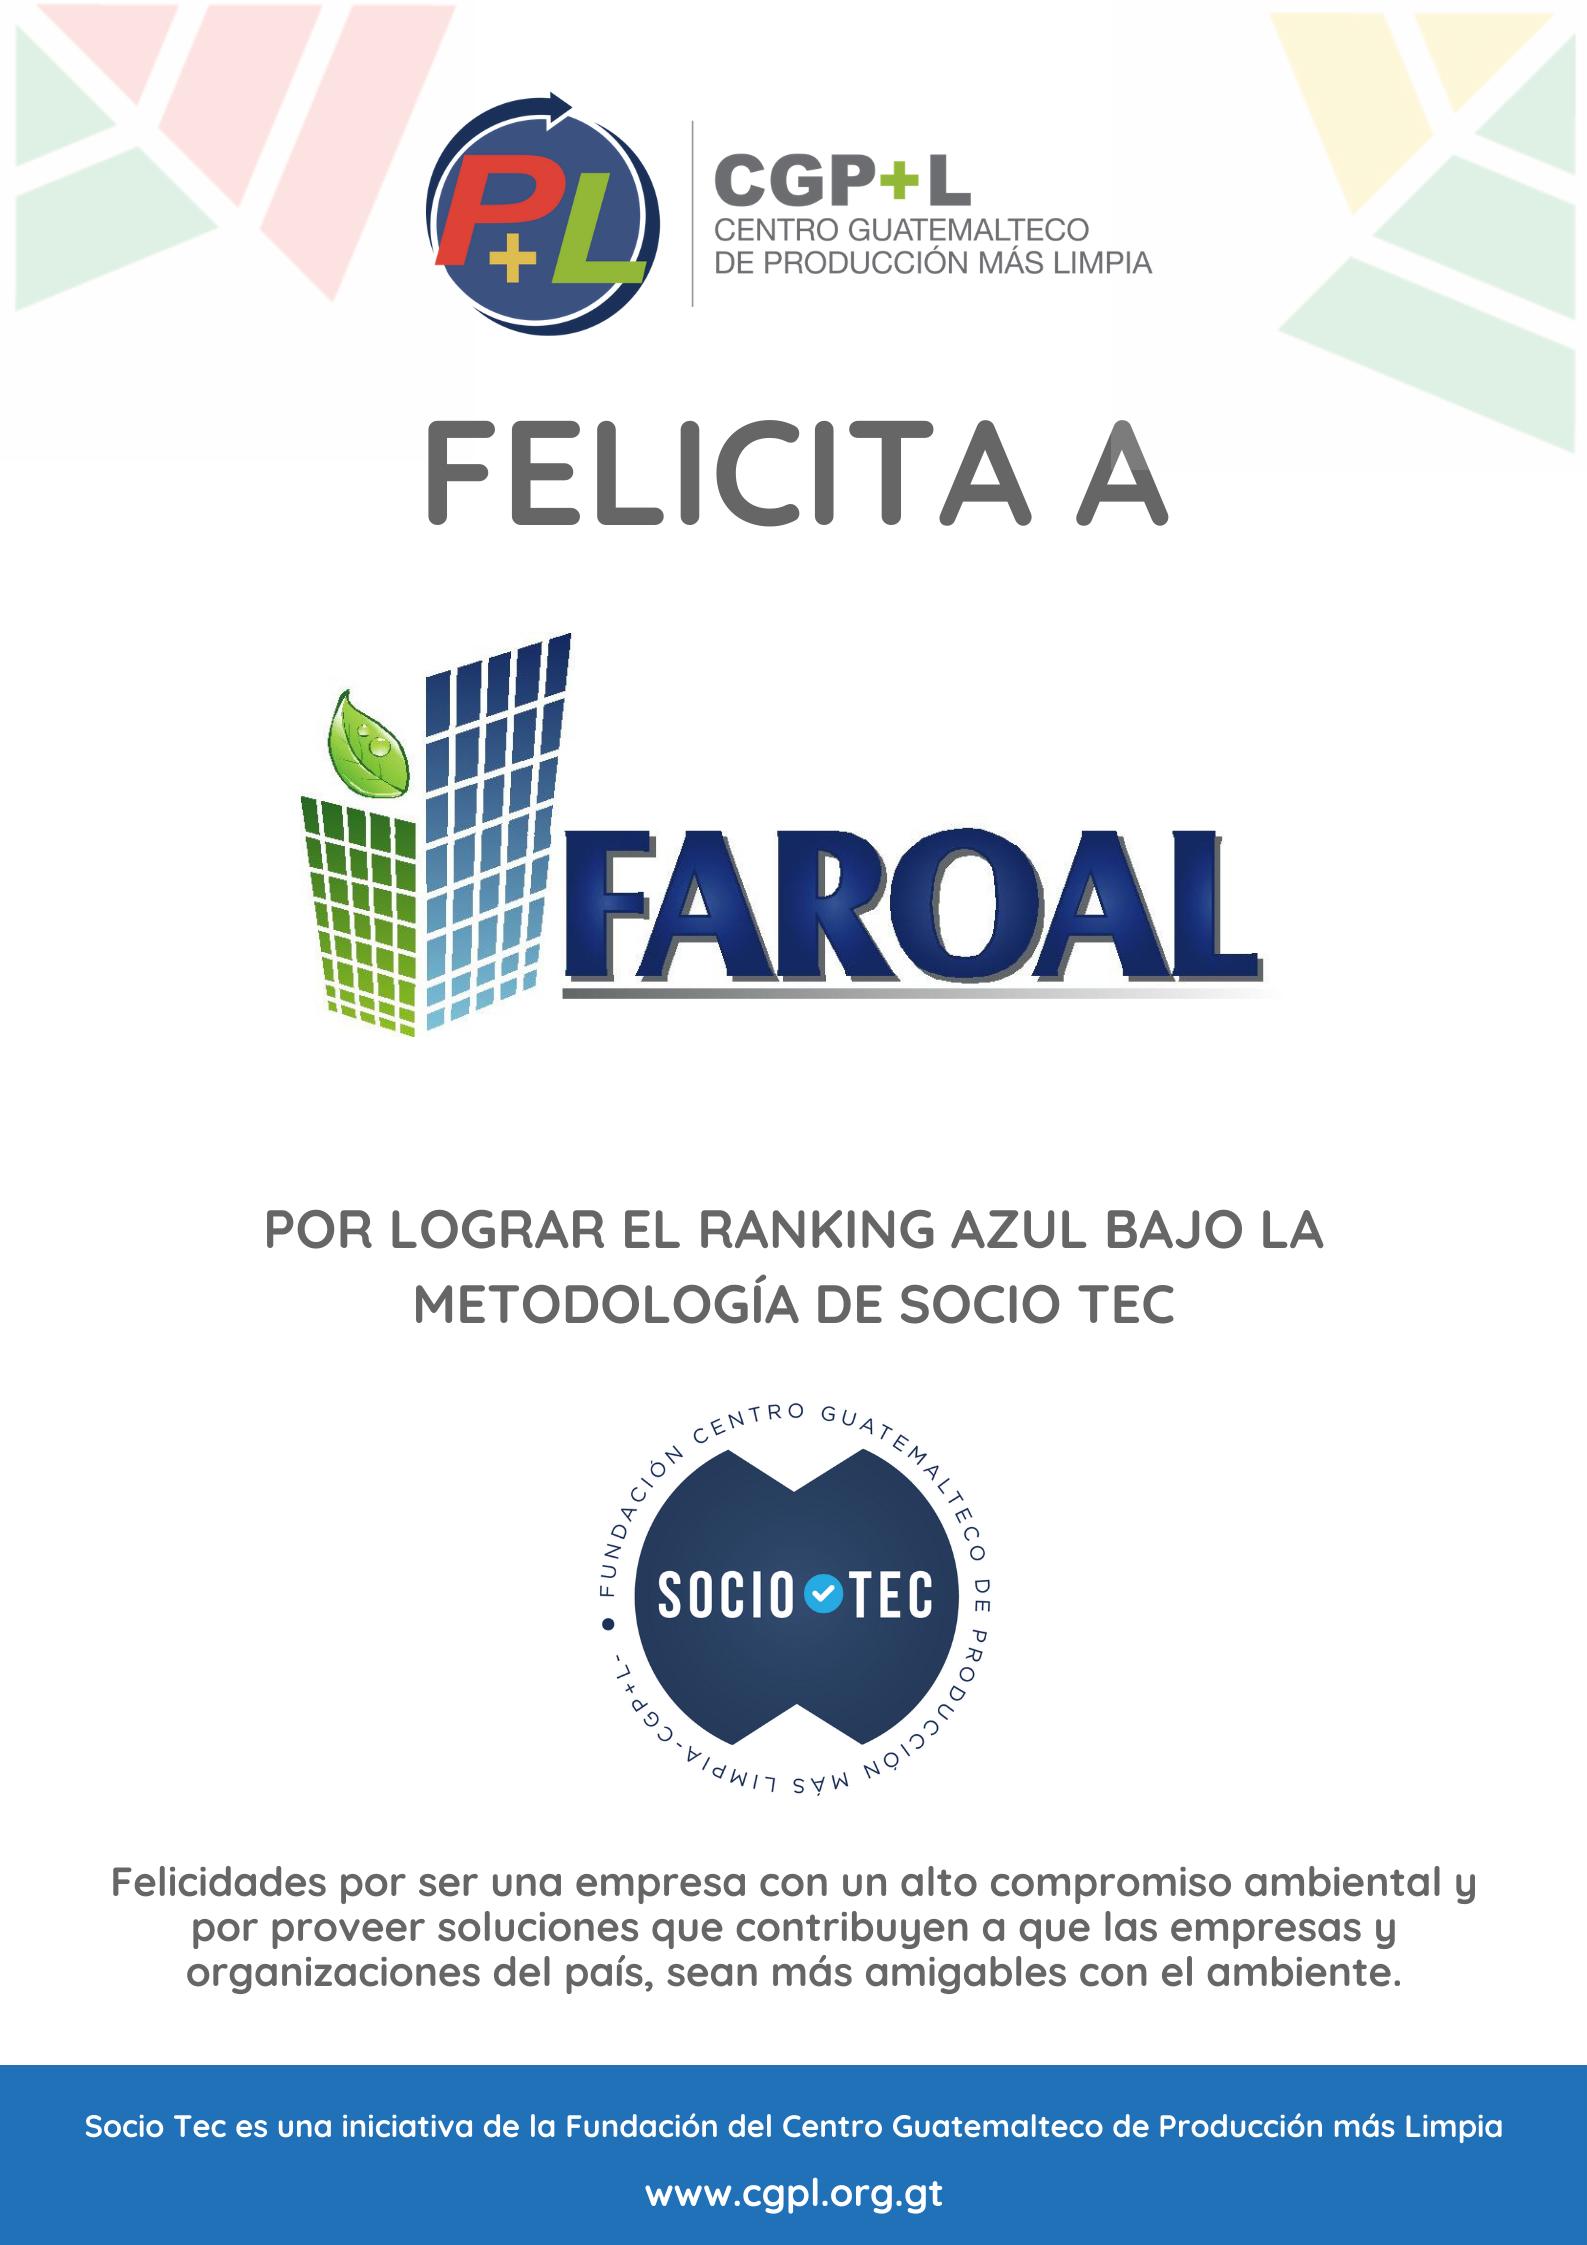 Felicidades A Faroal Por Lograr El Ranking Técnico Azul En La Metodología Socio Tec